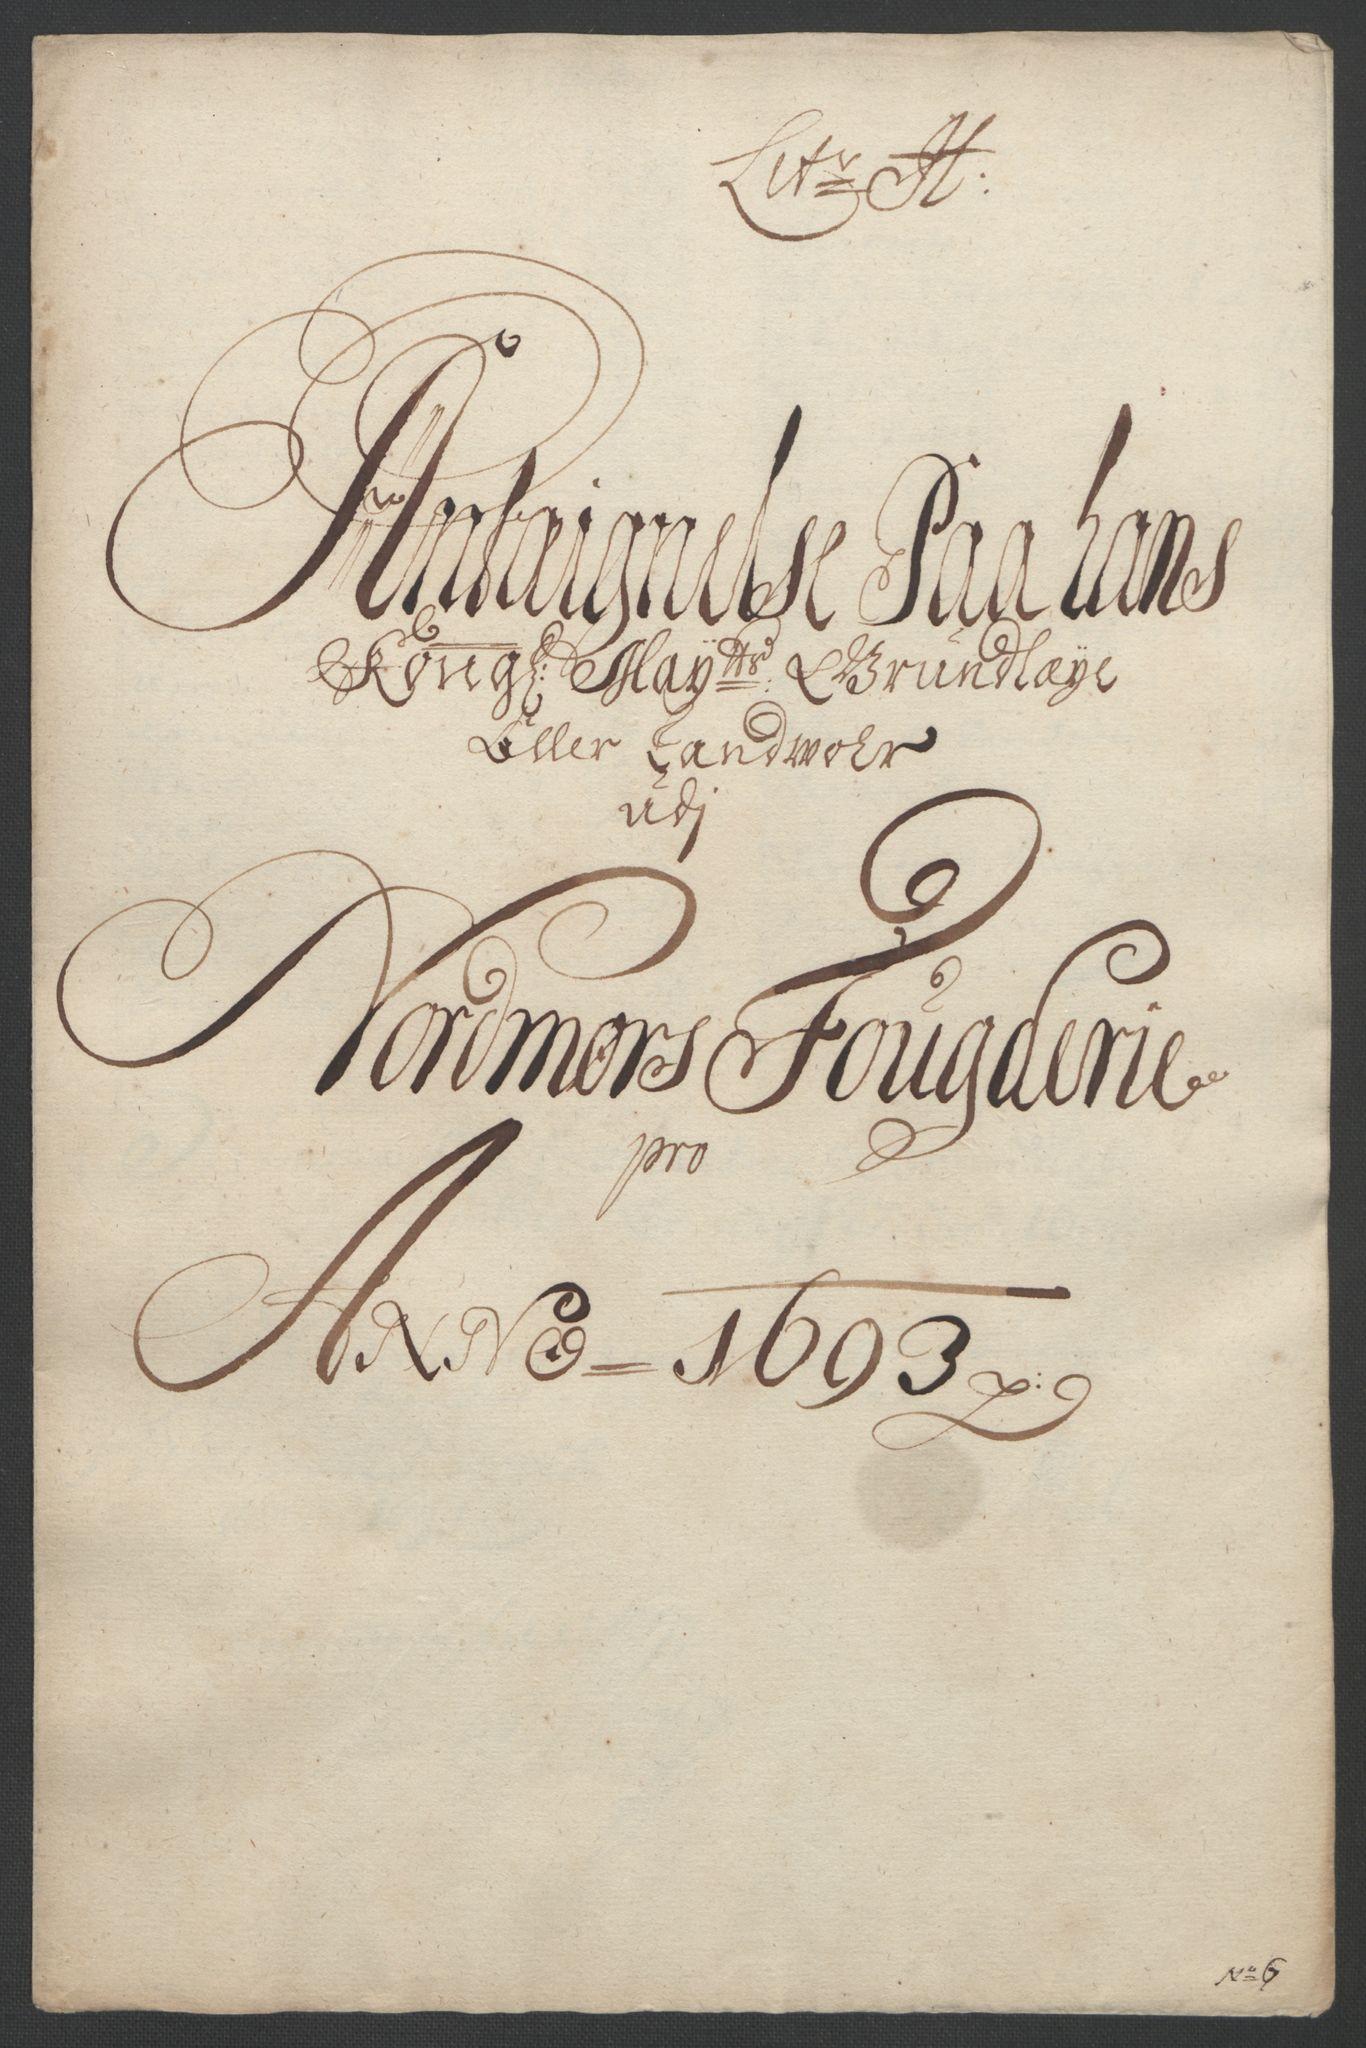 RA, Rentekammeret inntil 1814, Reviderte regnskaper, Fogderegnskap, R56/L3735: Fogderegnskap Nordmøre, 1692-1693, s. 367